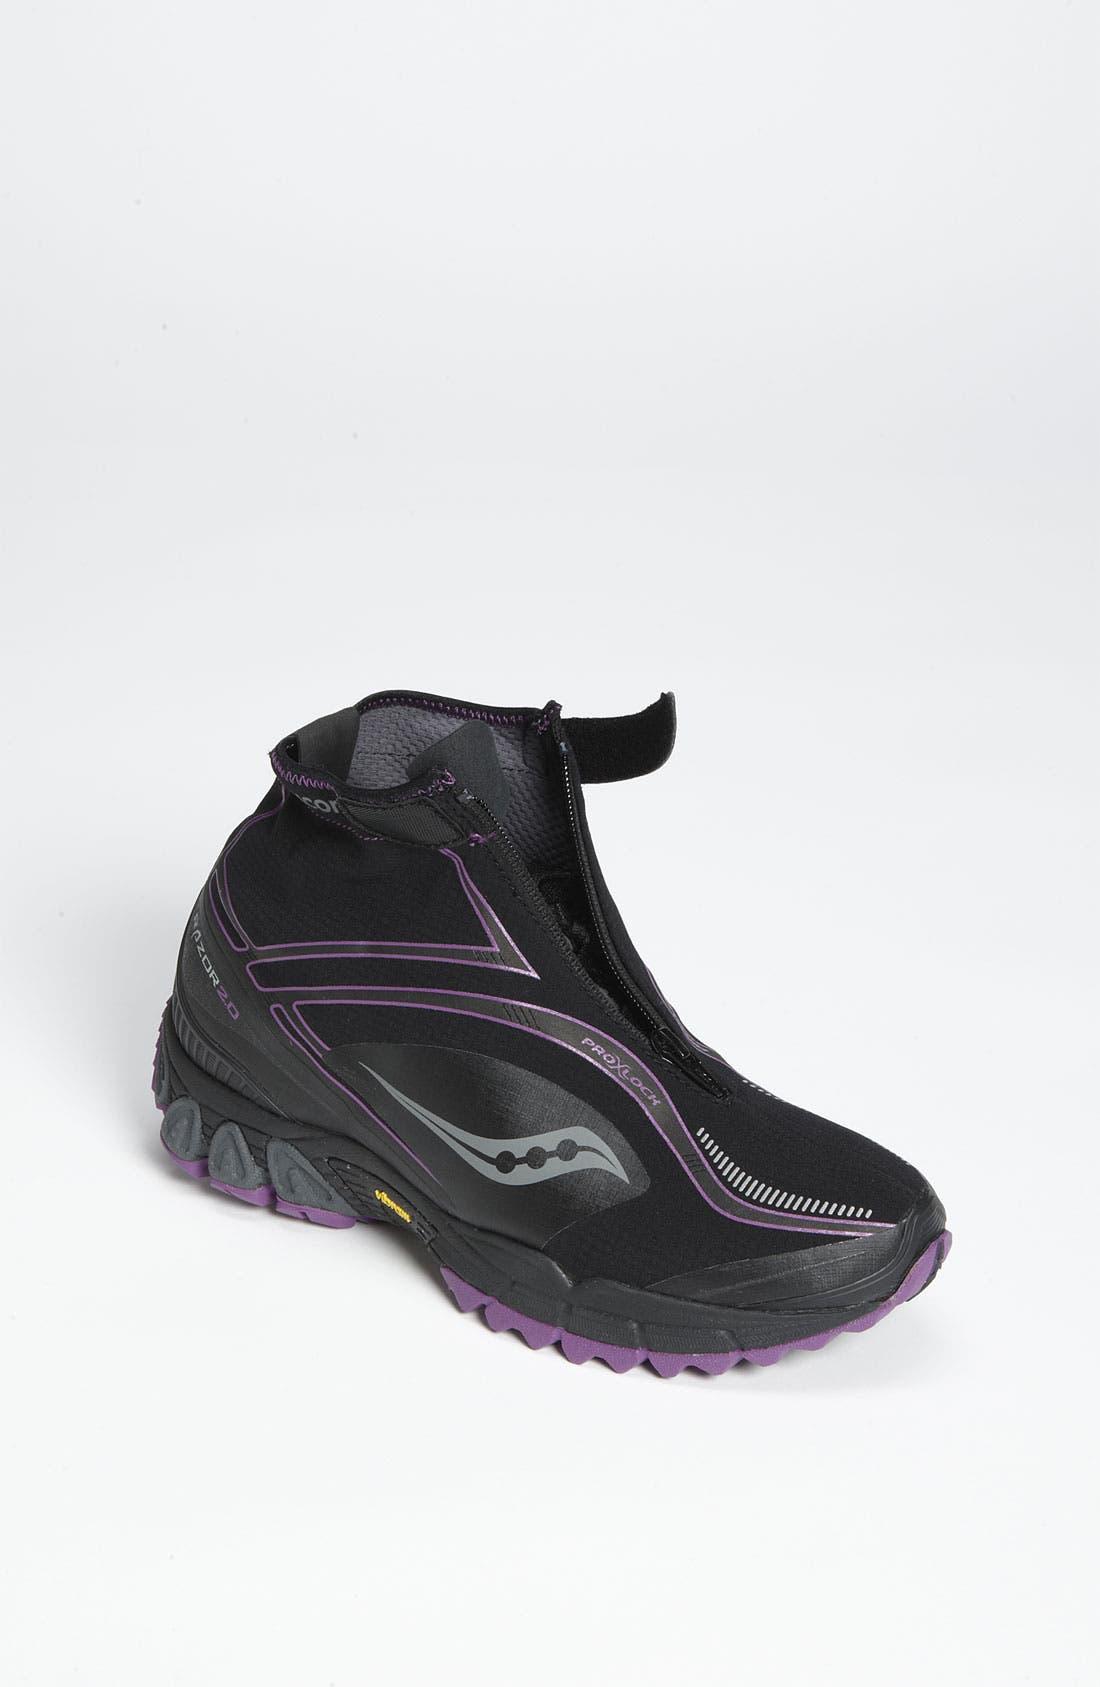 Main Image - Saucony 'ProGrid Razor 2.0' Running Shoe (Women)